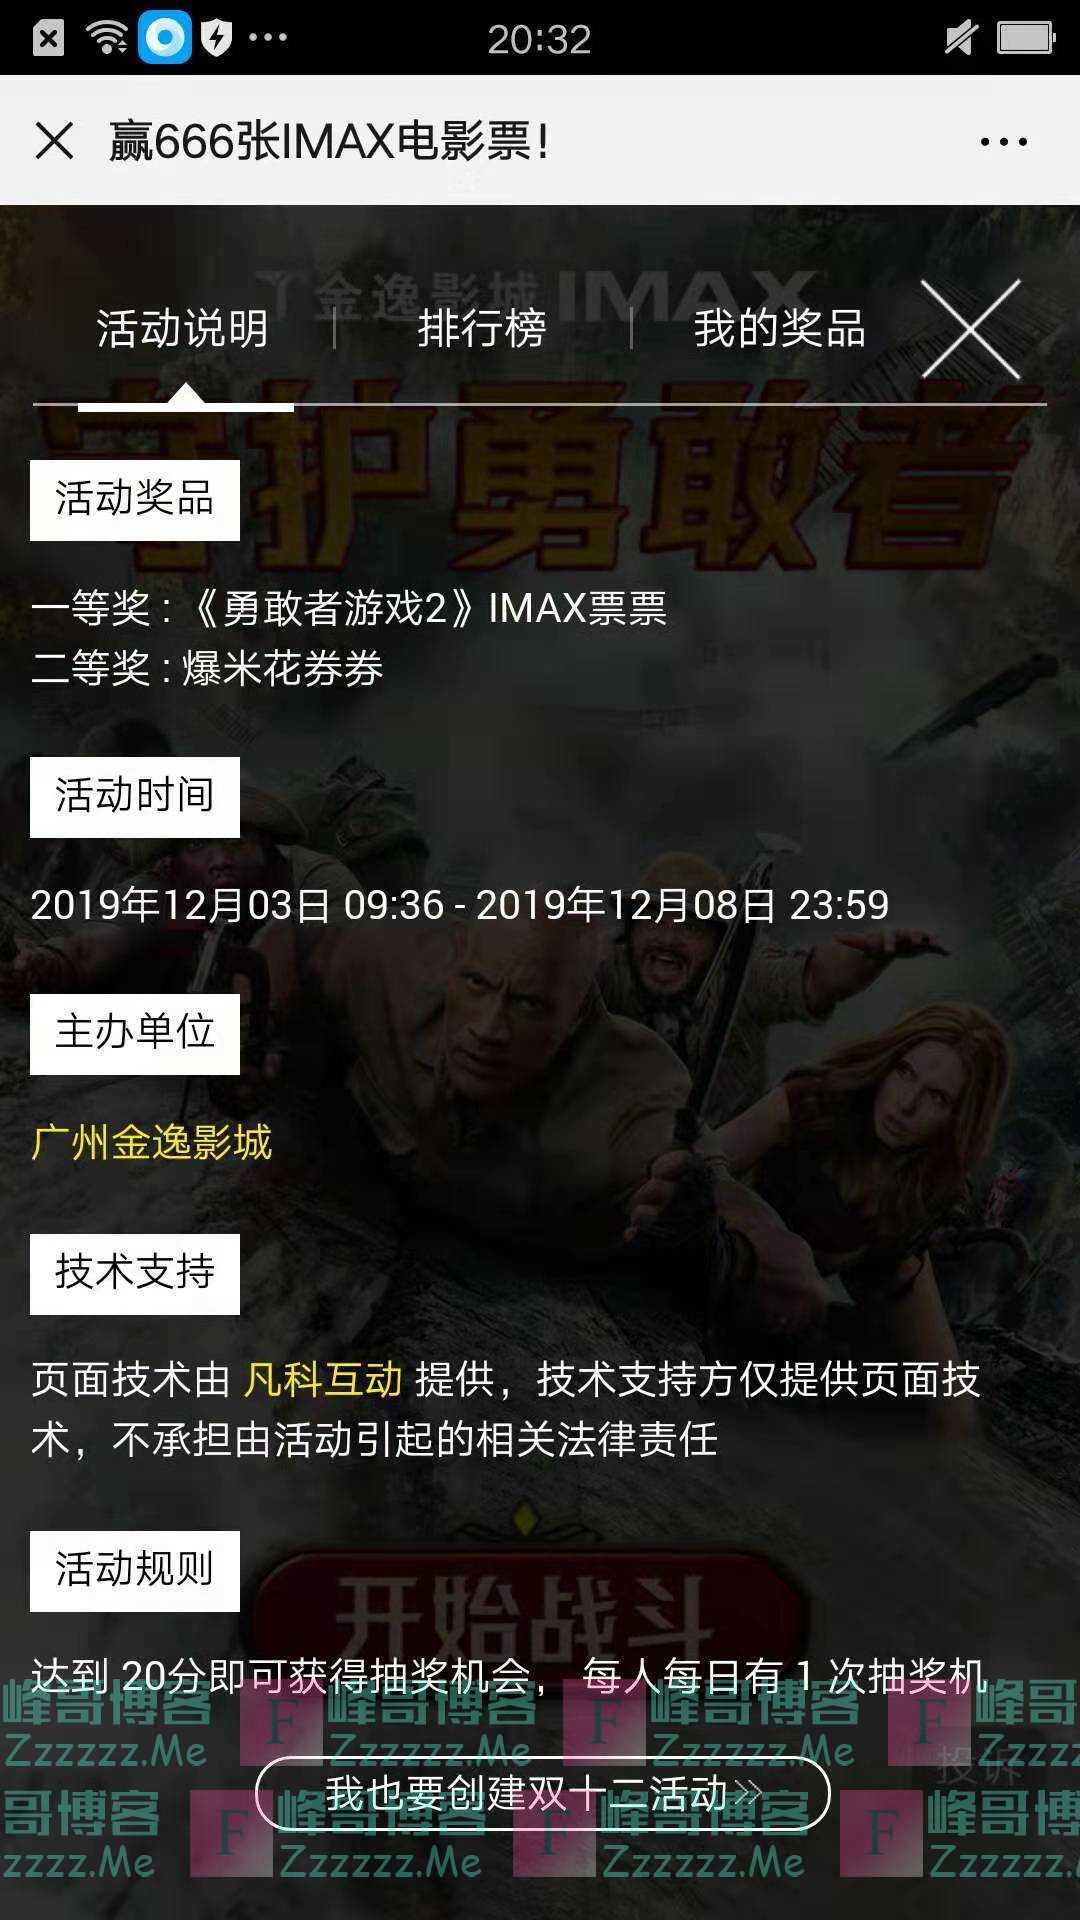 金逸电影666张,IMAX票免费送(截止12月8日)